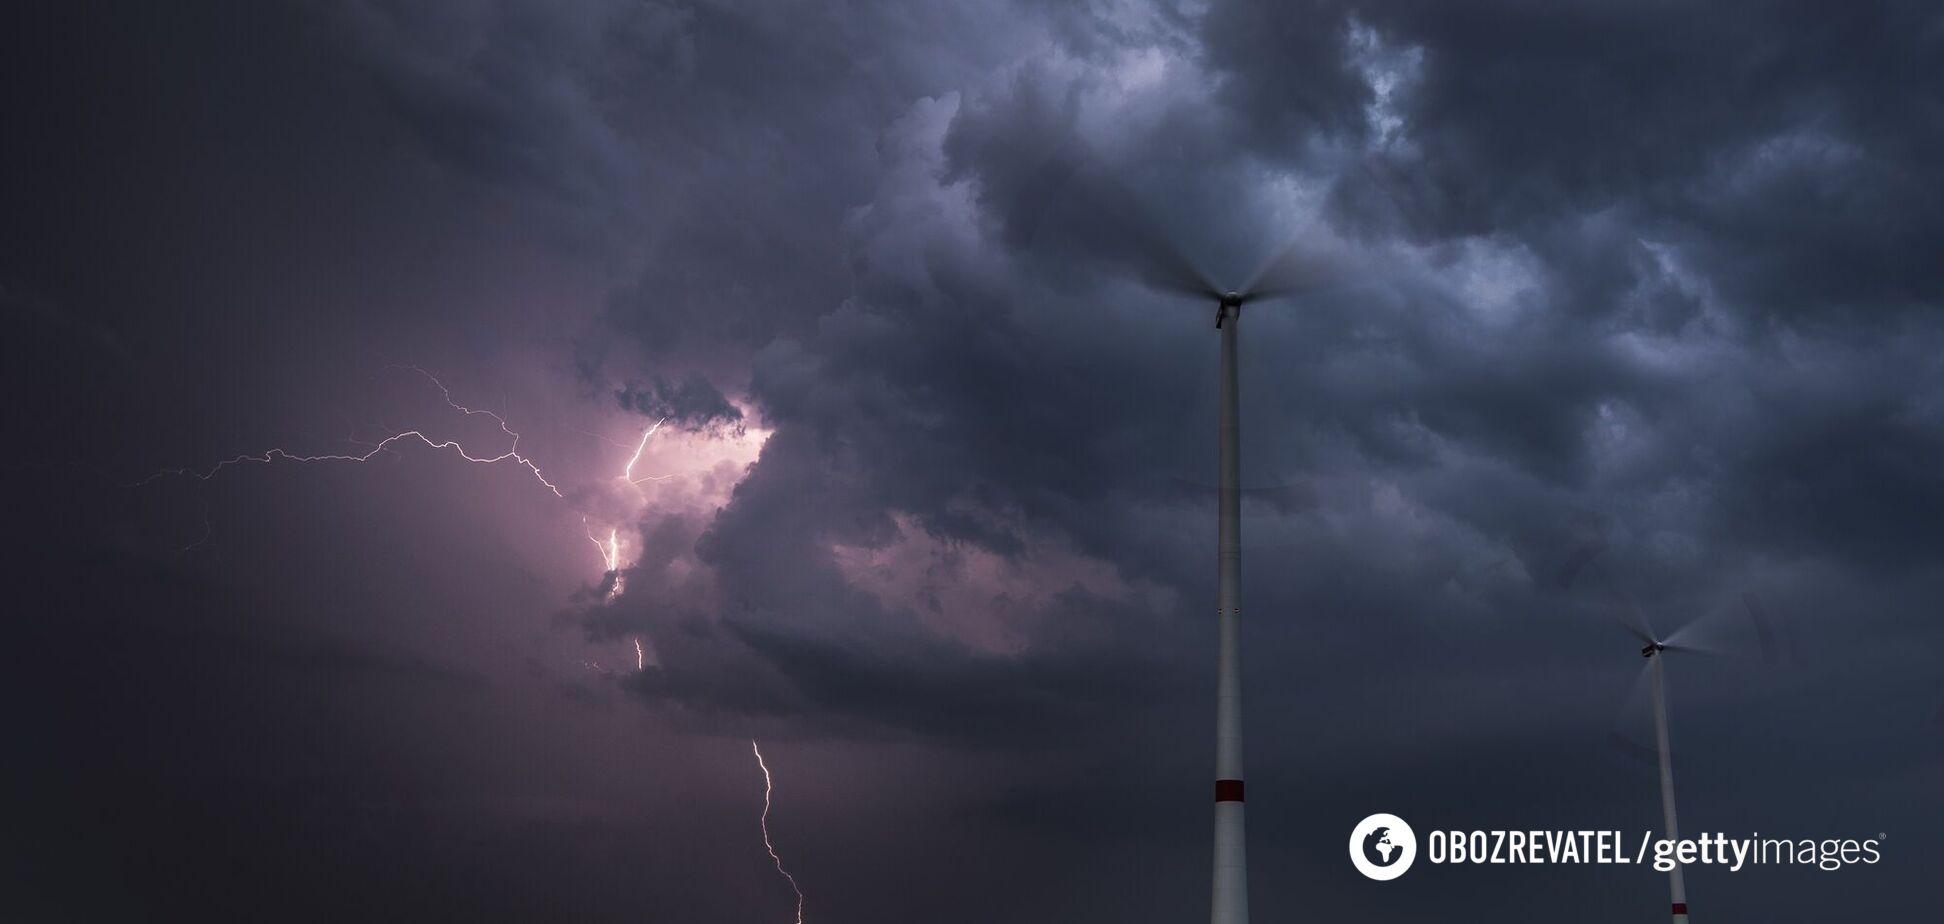 Штормовой ветер, ливни и грозы: украинцев предупредили об опасной погоде